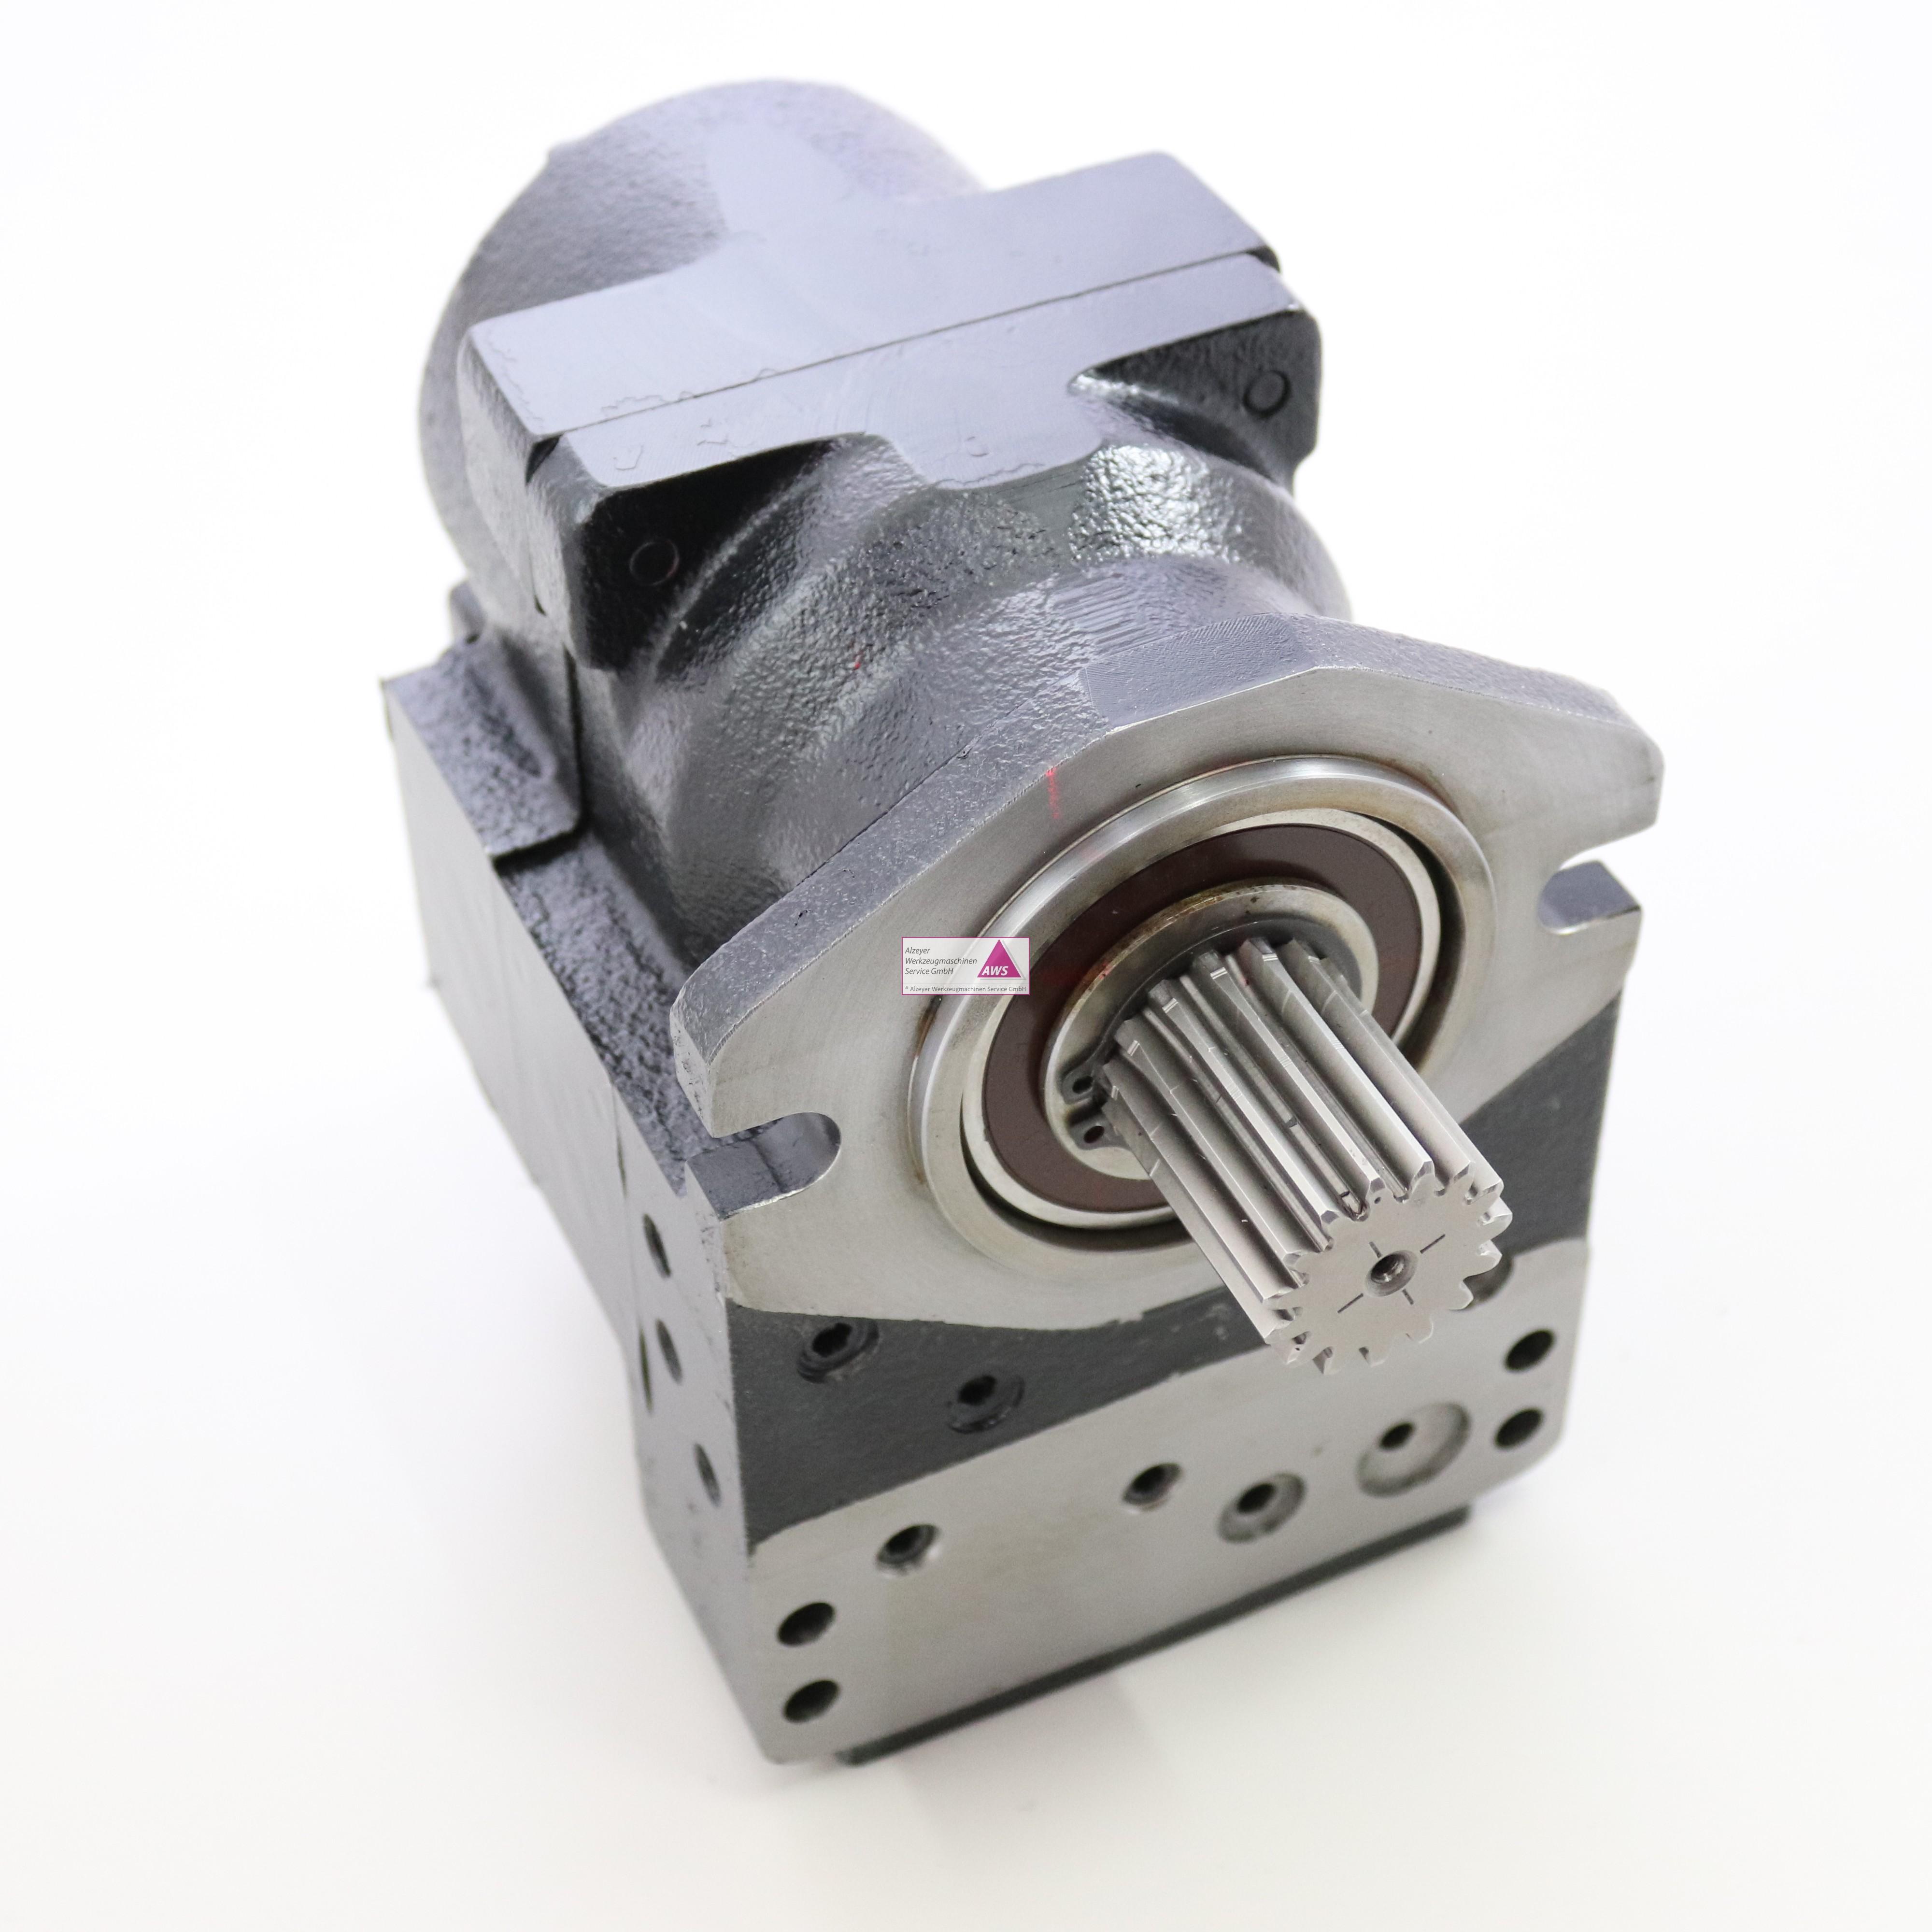 Indexmotor Nachi PI-OB-87-2G für Mazak Drehmaschine